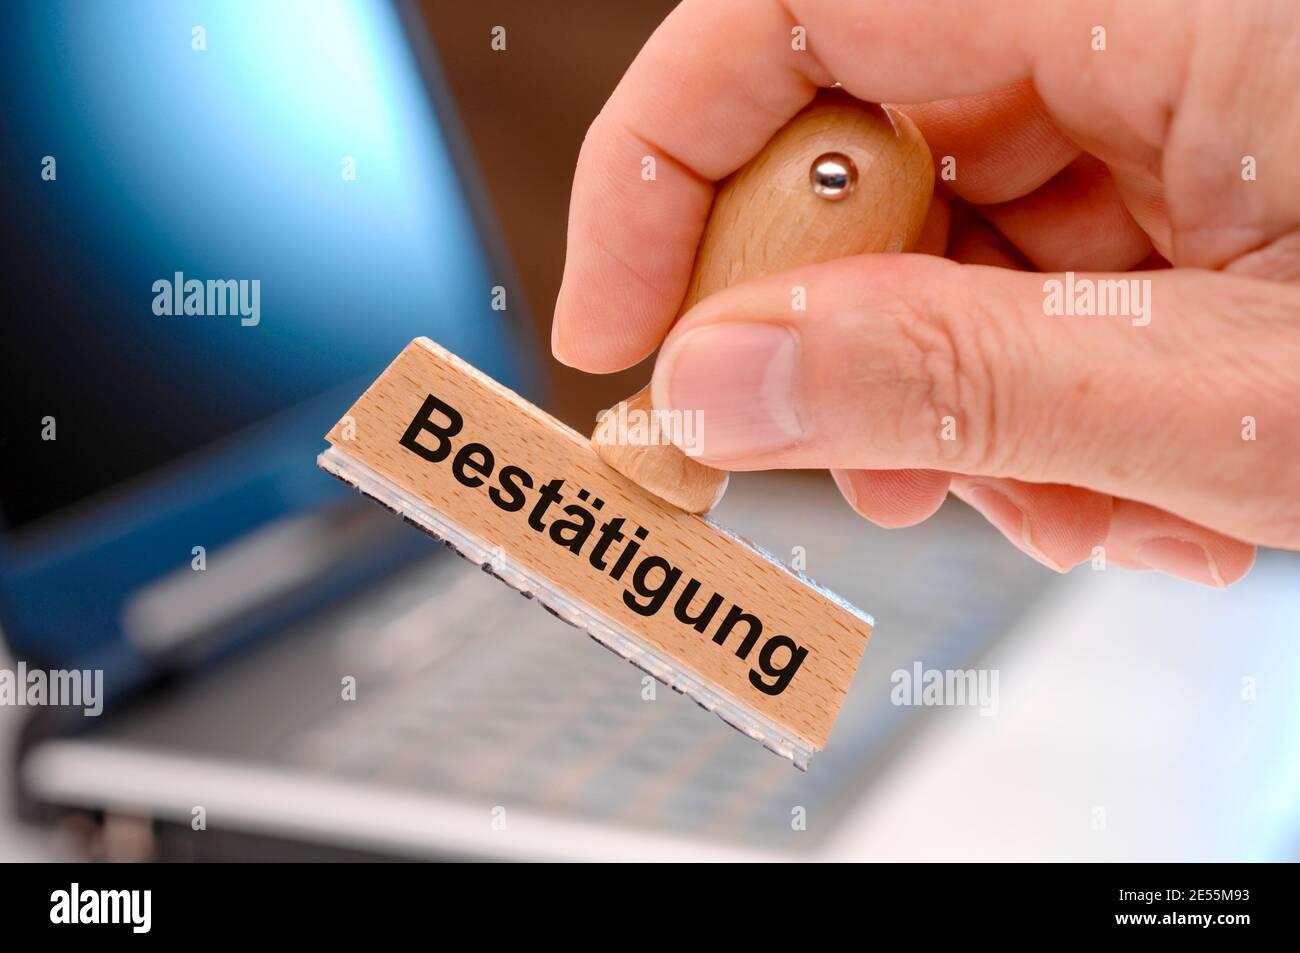 Holzstempel in Hand mit Aufschrift Bestätigung Stock Photo